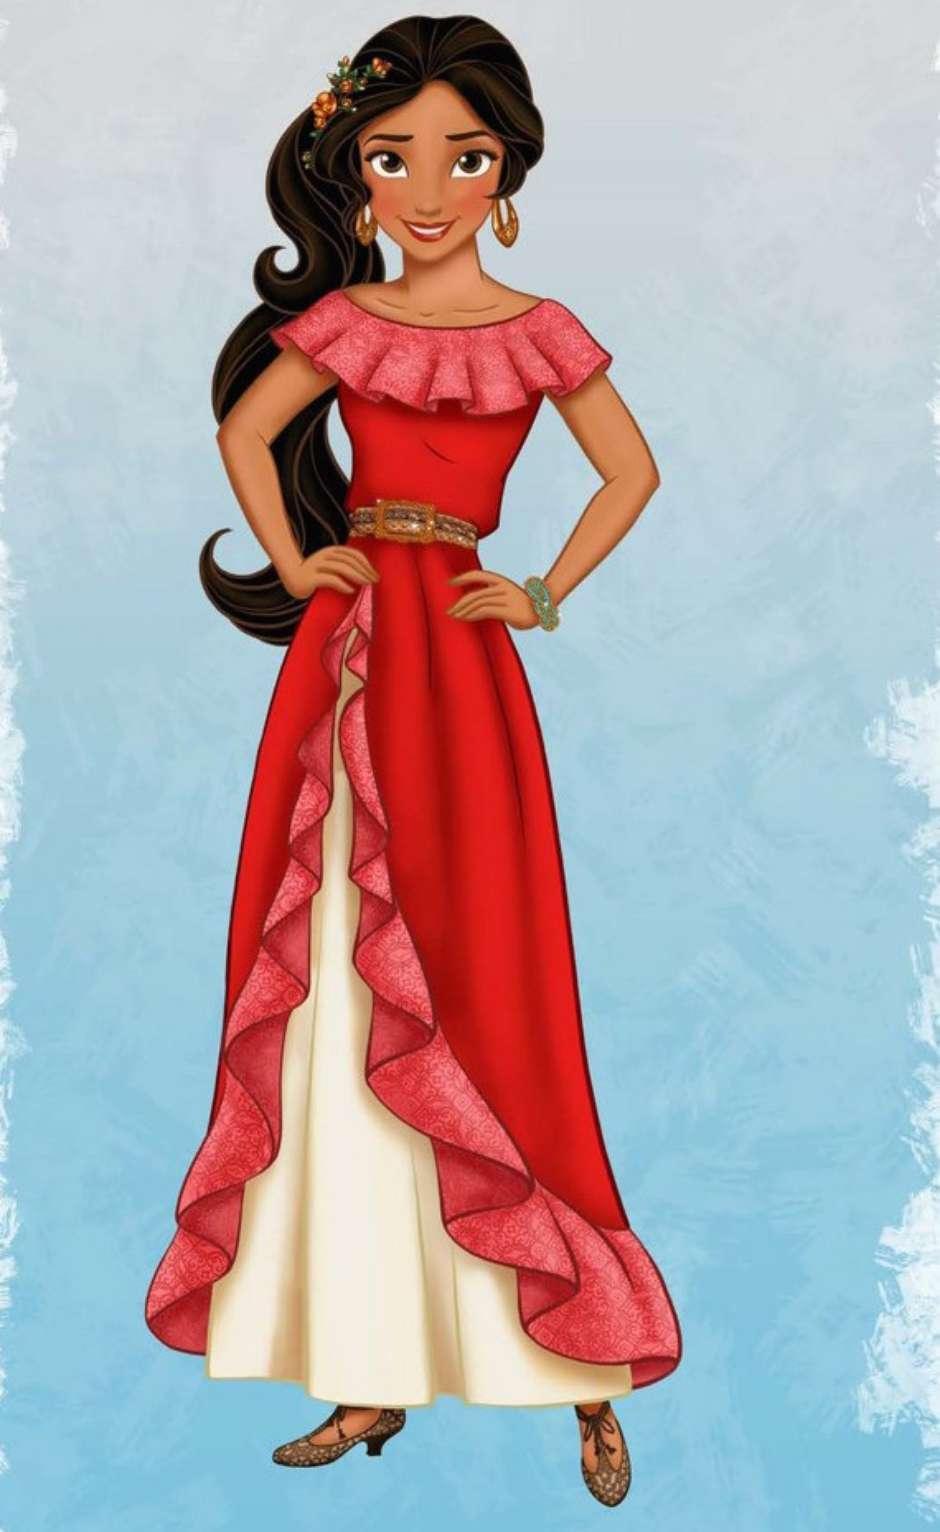 Elena de Avalor é a primeira princesa latina da Disney Foto: Disney/Reprodução